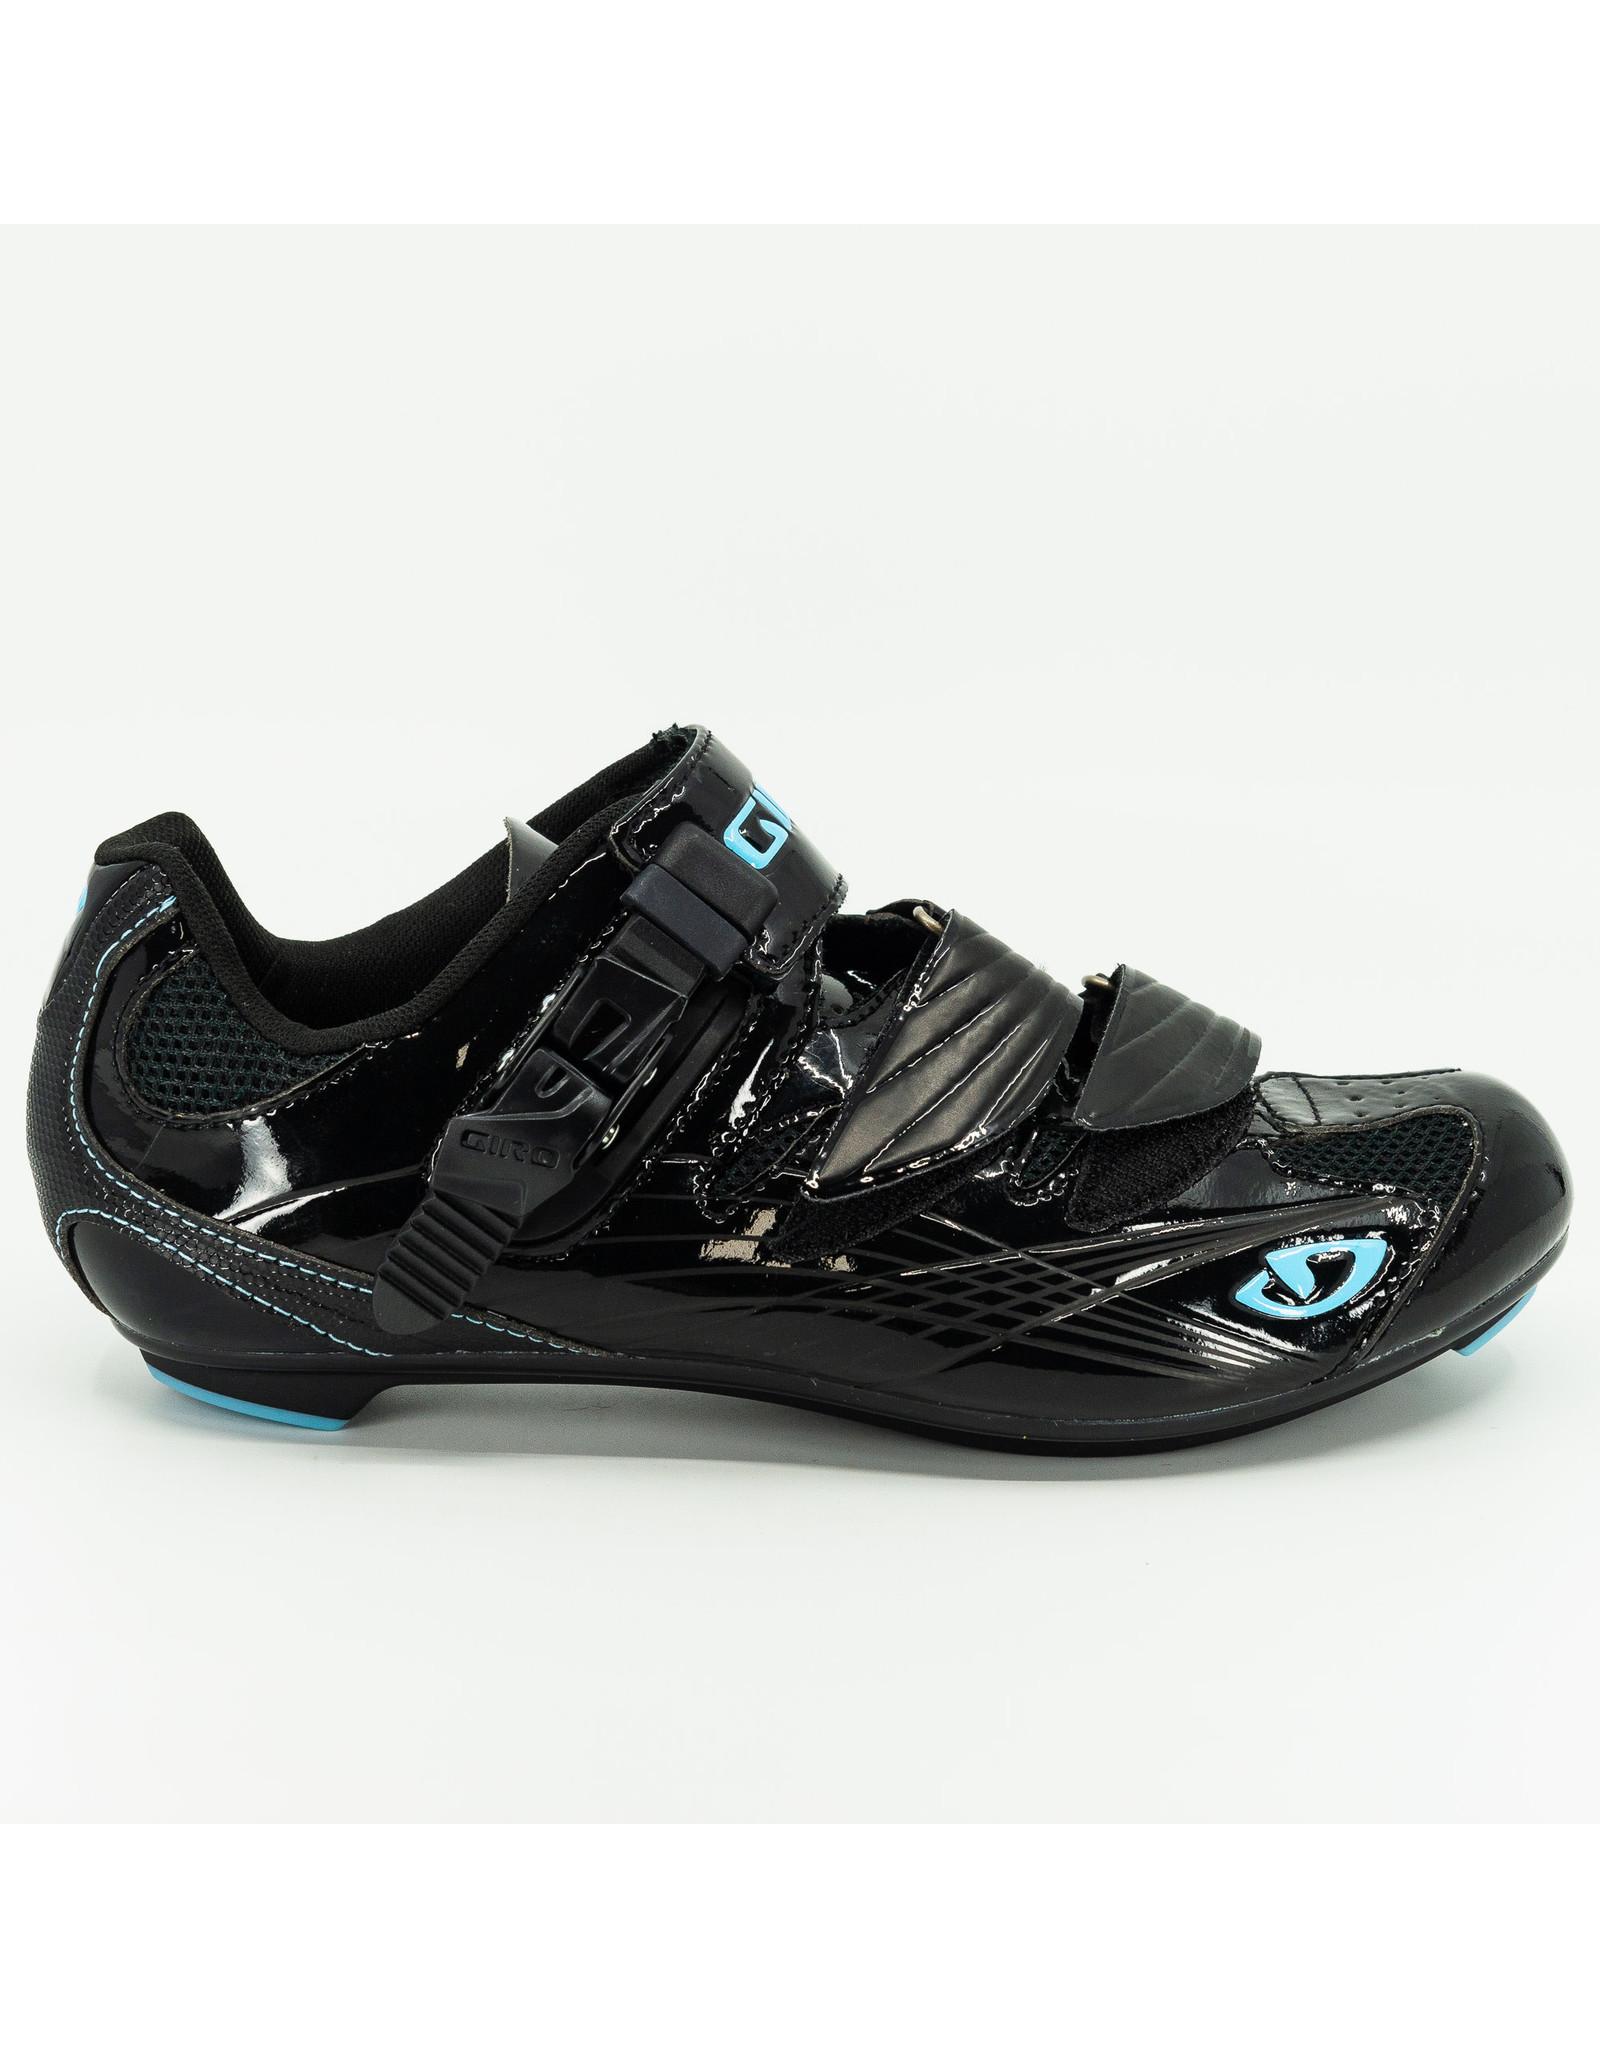 Giro Giro SOLARA BLACK BLUE 39